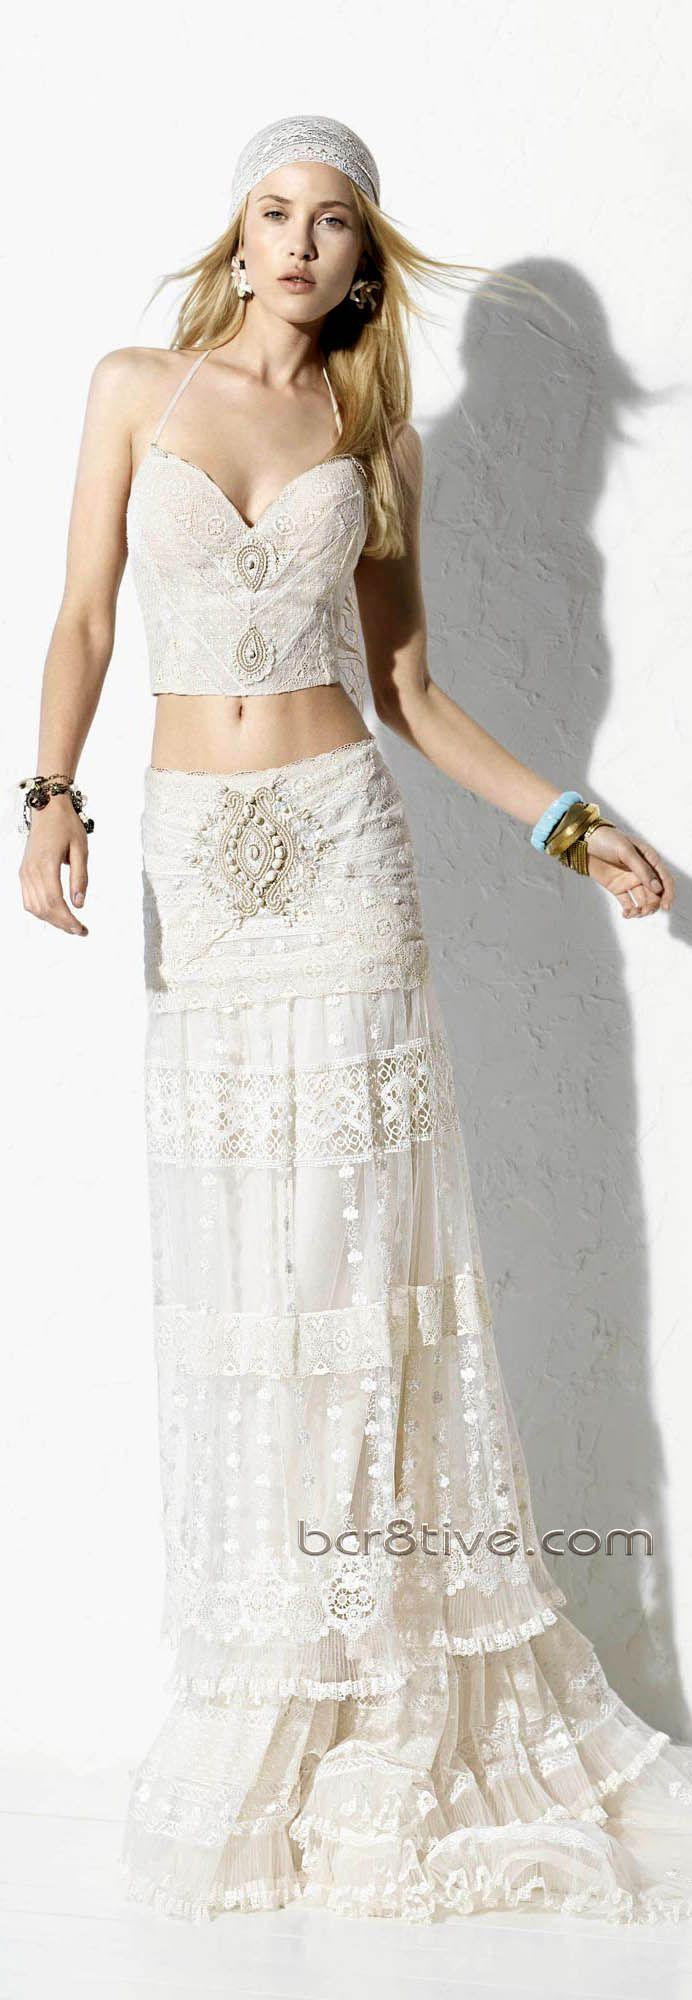 Yolan Cris 2013 Ibiza Bridal Collection | Brautmode, Braut ...